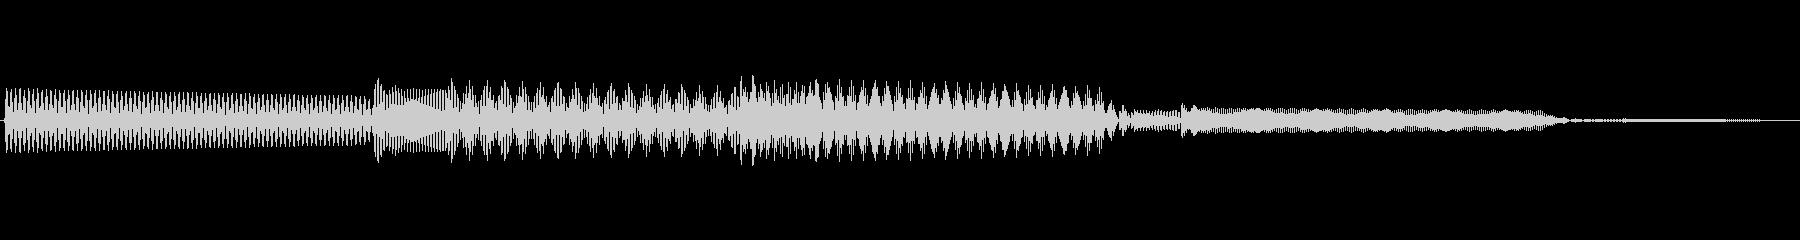 ボタン決定音システム選択タッチ登録A03の未再生の波形